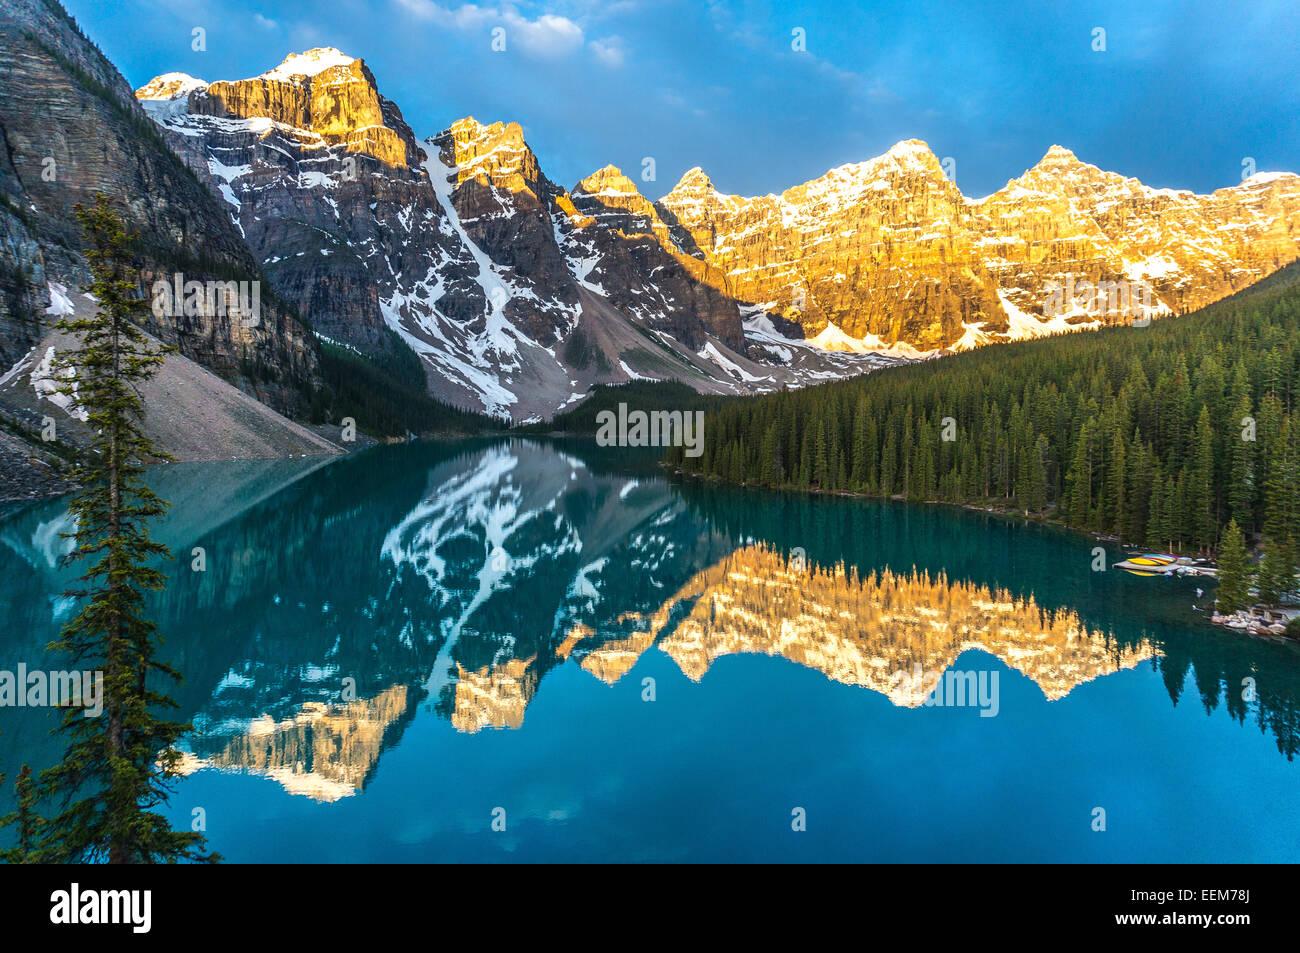 Tal der zehn Gipfel spiegelt sich in Morraine See bei Sonnenaufgang, Banff National Park, Alberta, Kanada Stockfoto